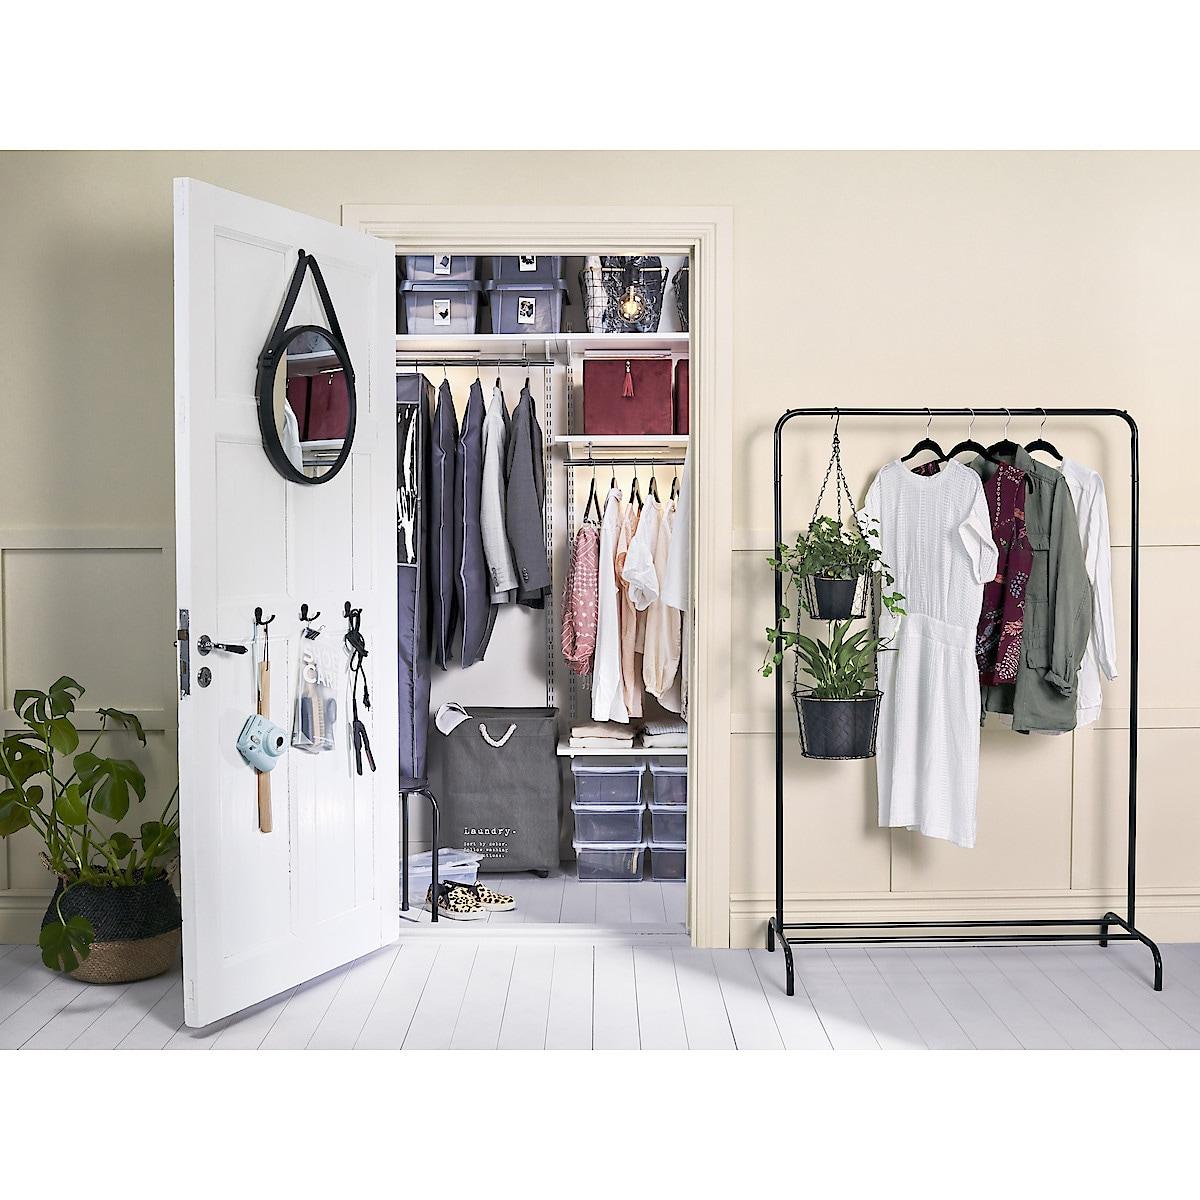 Pyykkikori, jossa pyörät